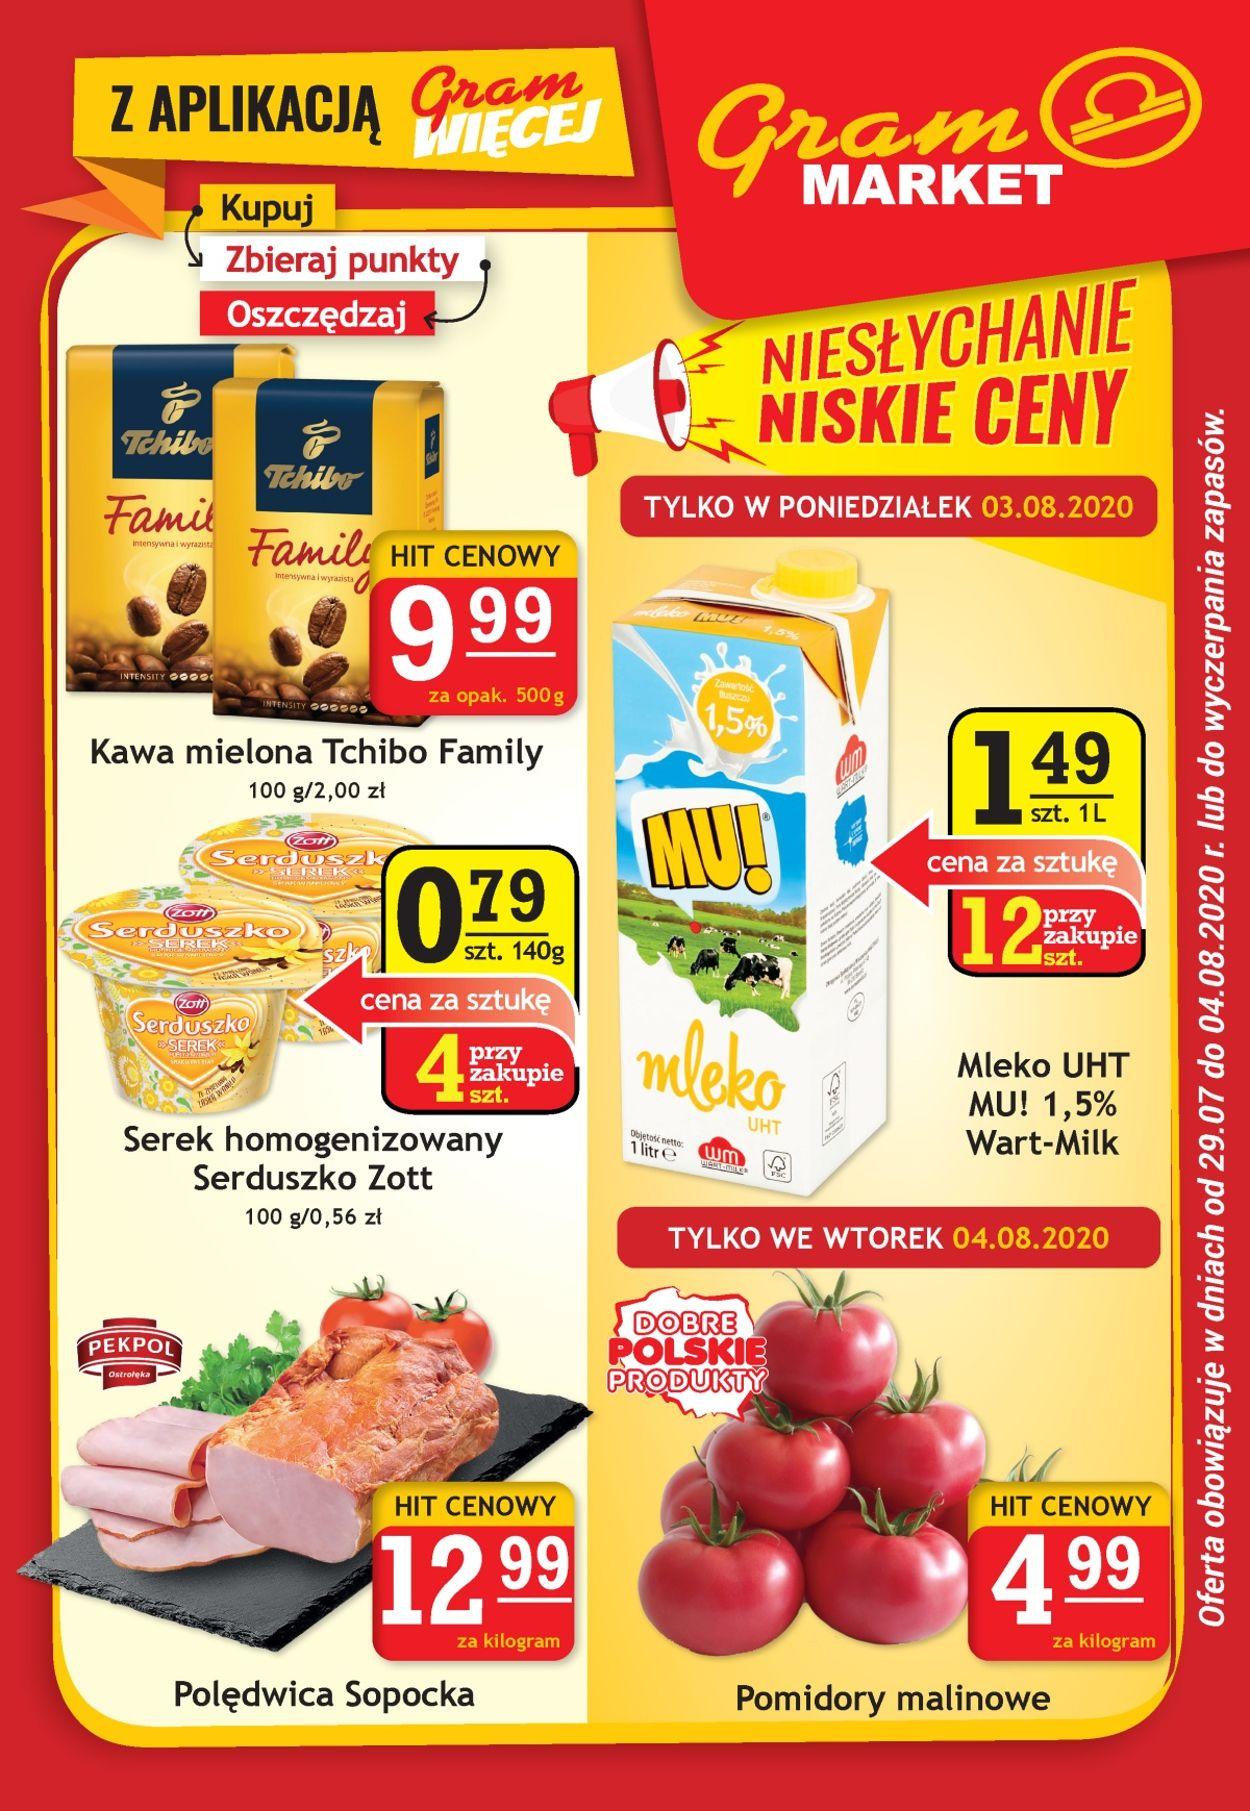 Gazetka promocyjna Gram Market - 29.07-04.08.2020